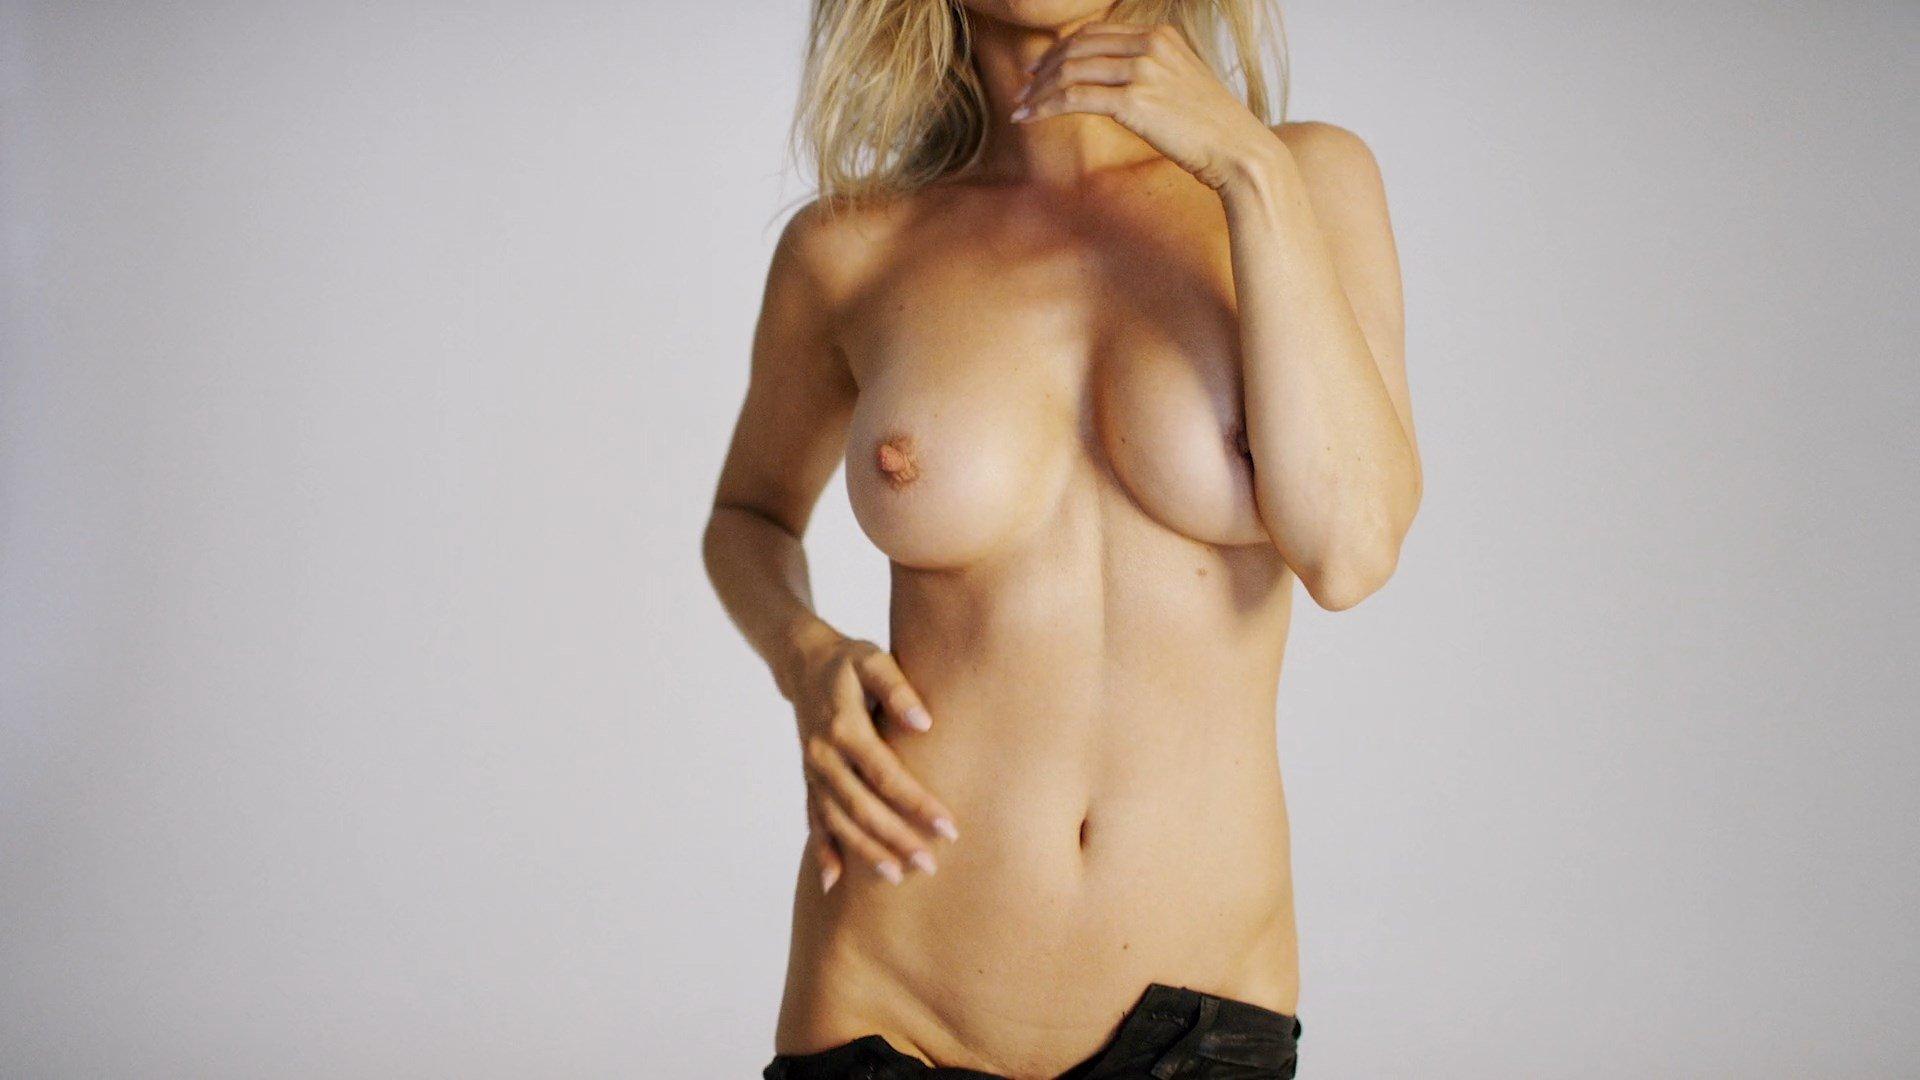 naked joanna krupa vajina